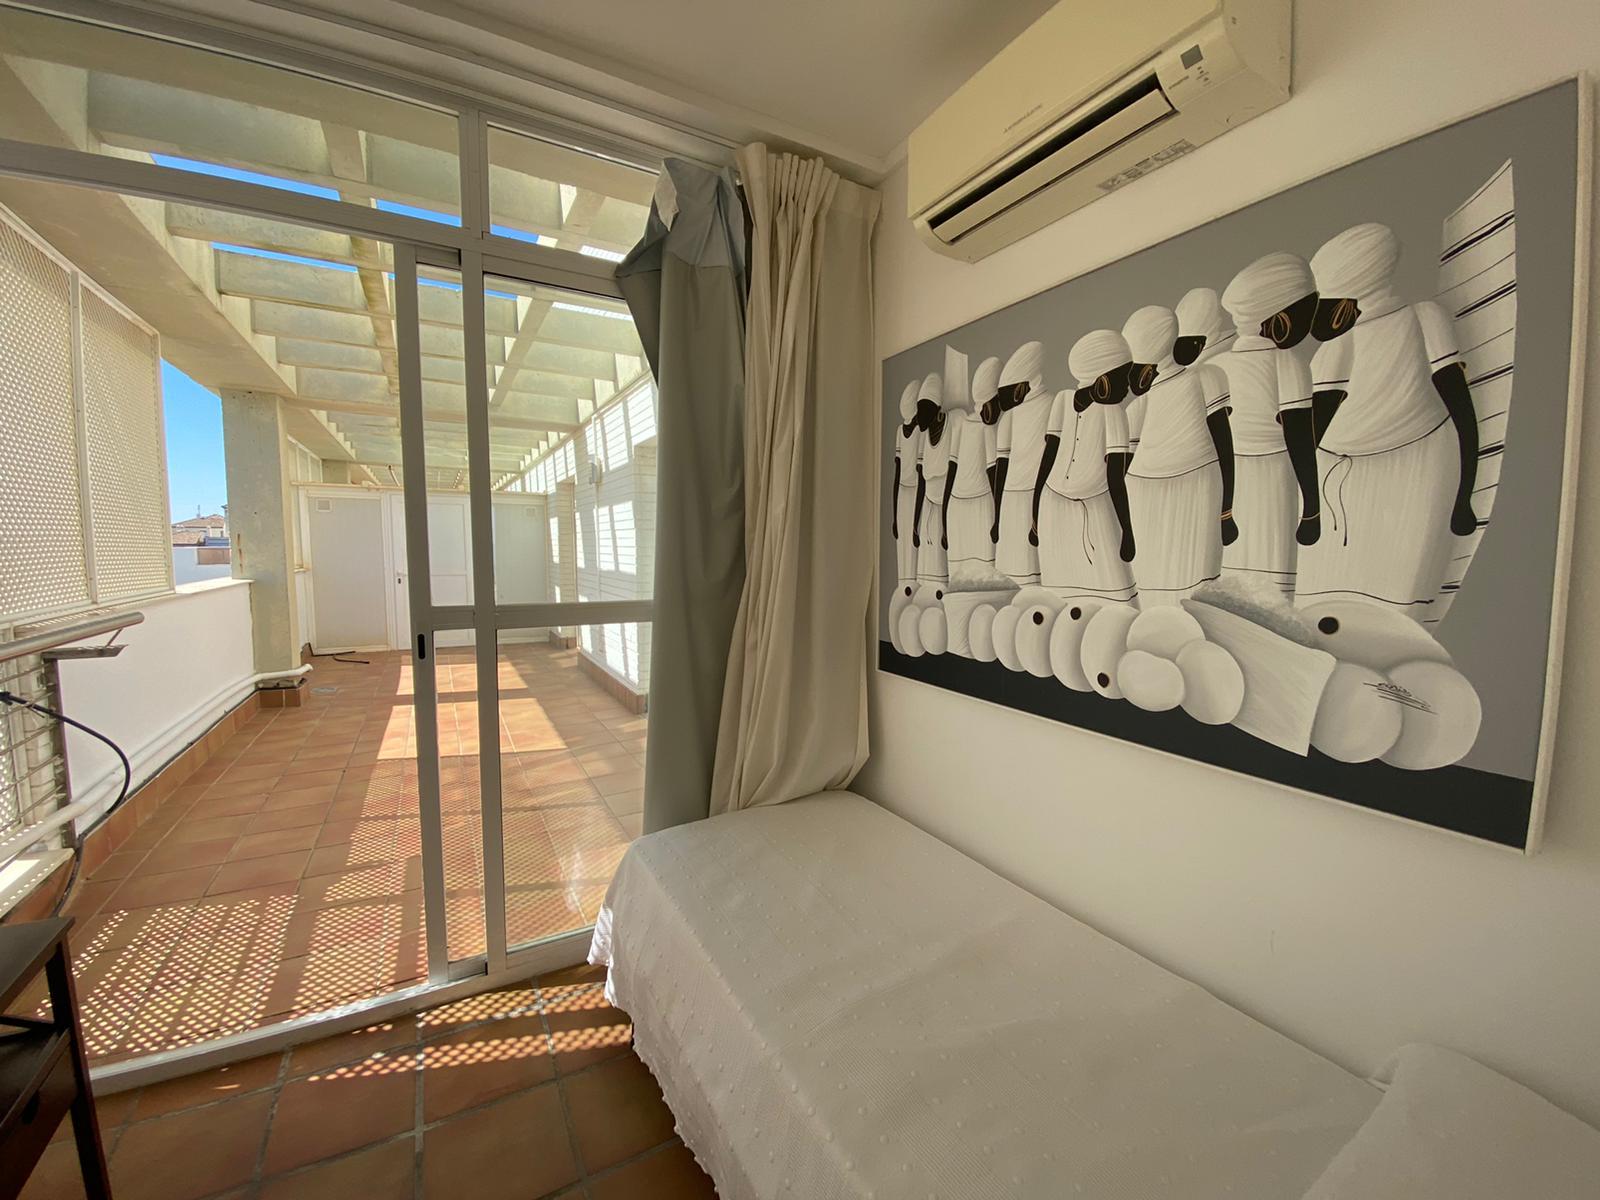 Imagen 43 del Apartamento Turístico, Ático 3 Levante, Frontal (4d+2b), Punta del Moral (HUELVA), Paseo de la Cruz nº22